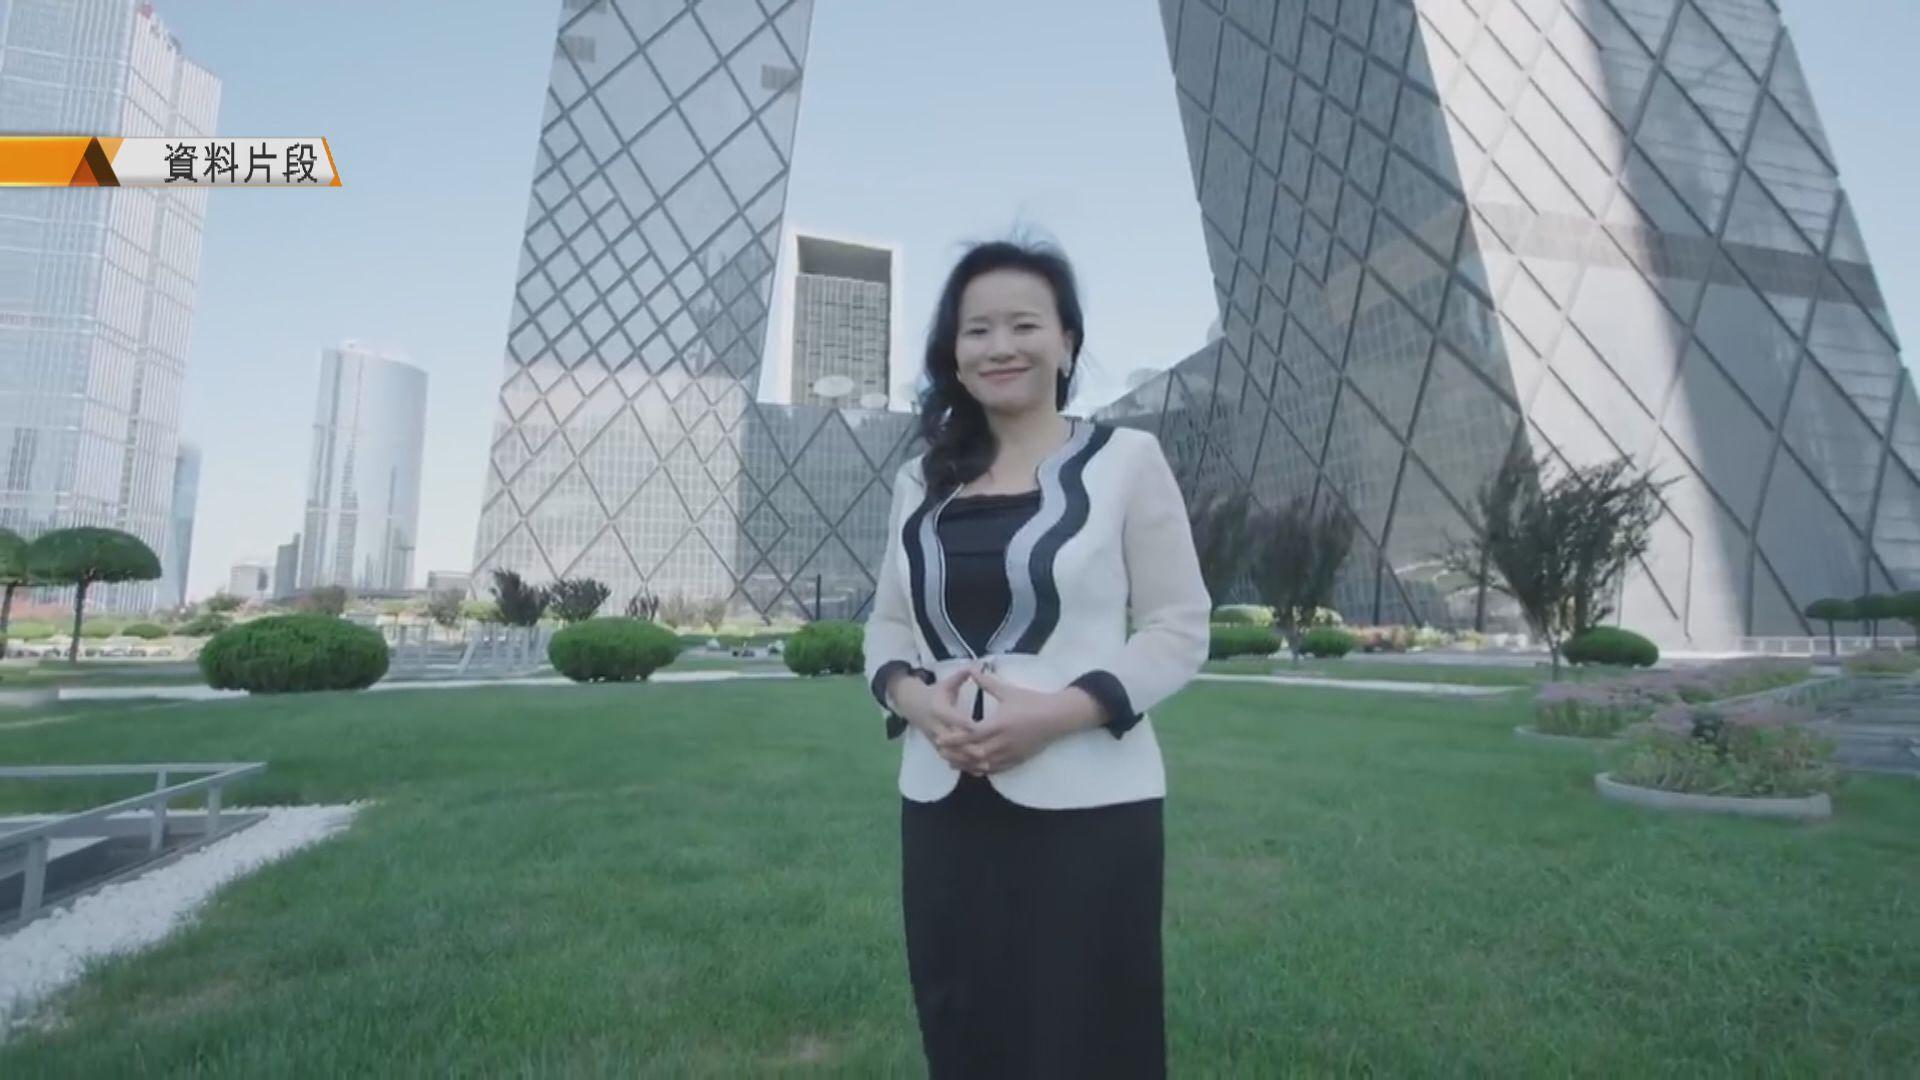 澳洲指中國上周五正式拘捕成蕾